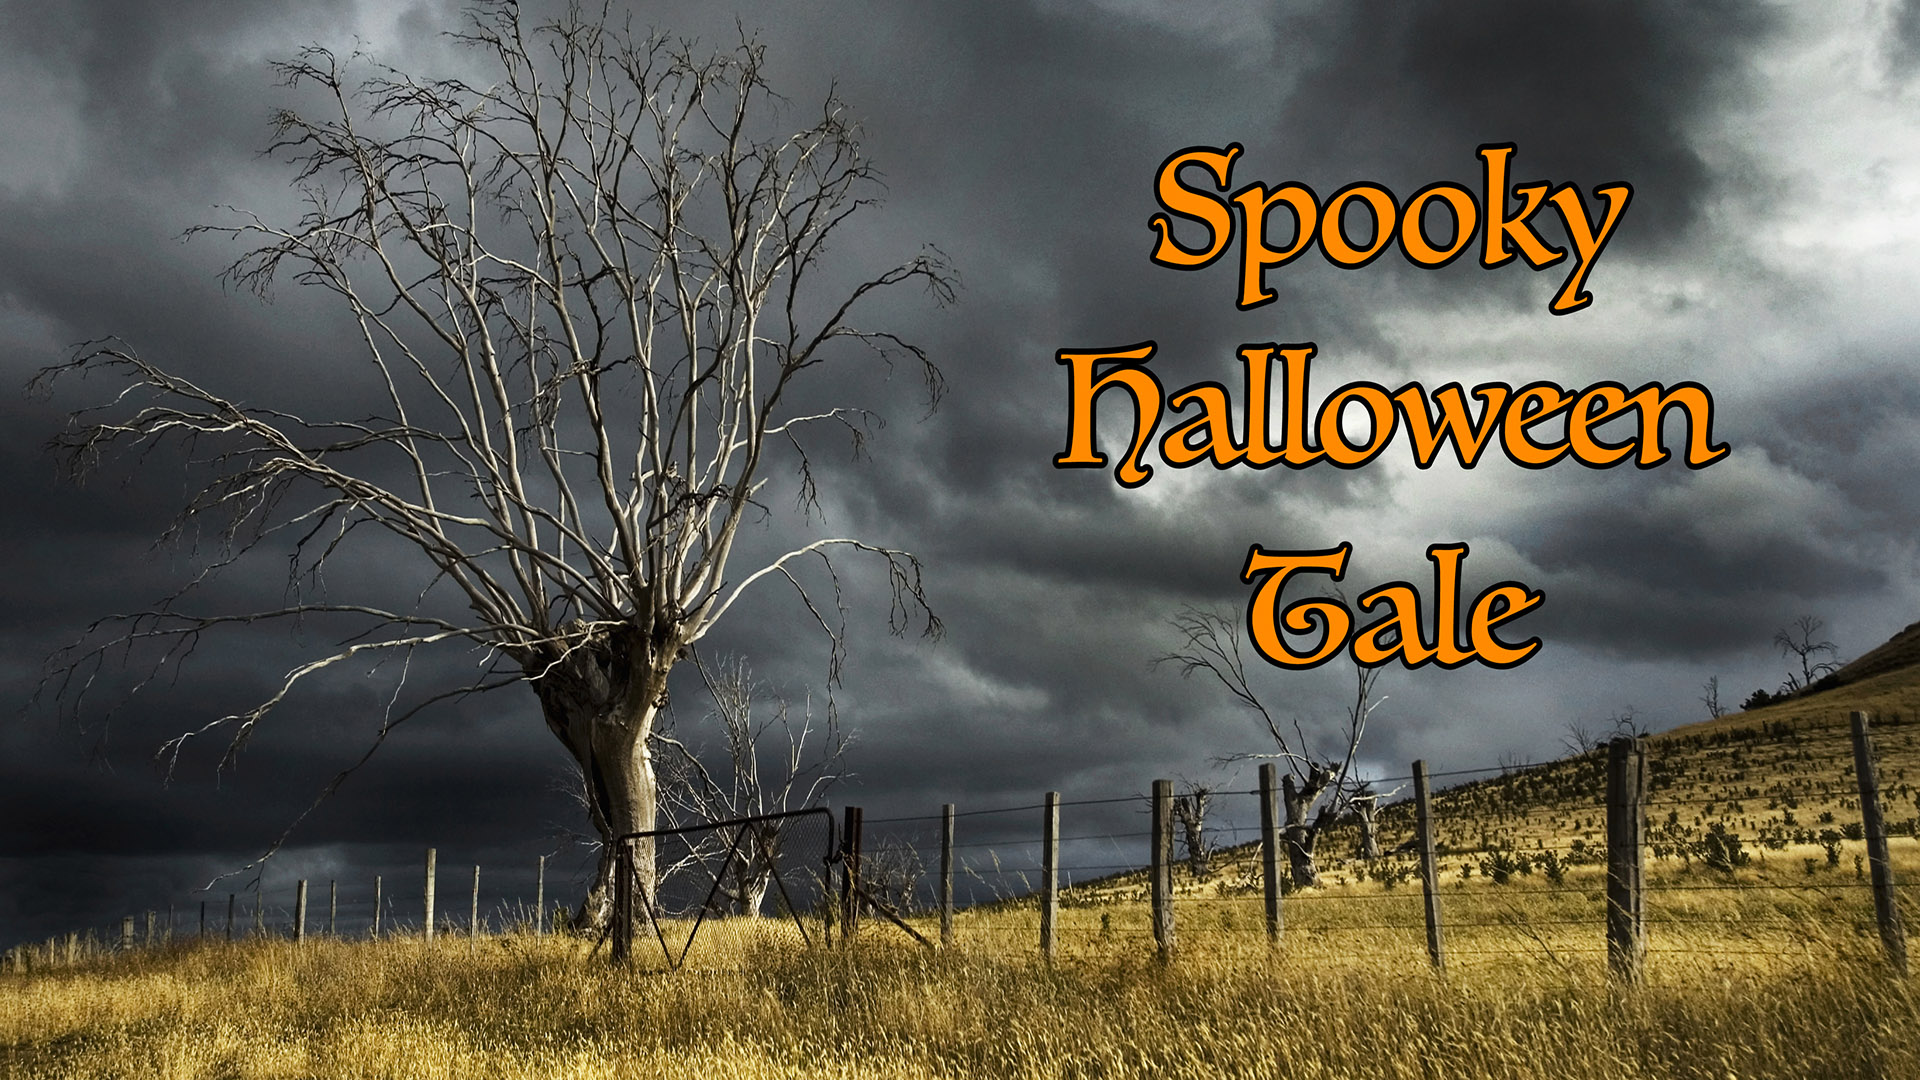 Spooky Halloween Tale